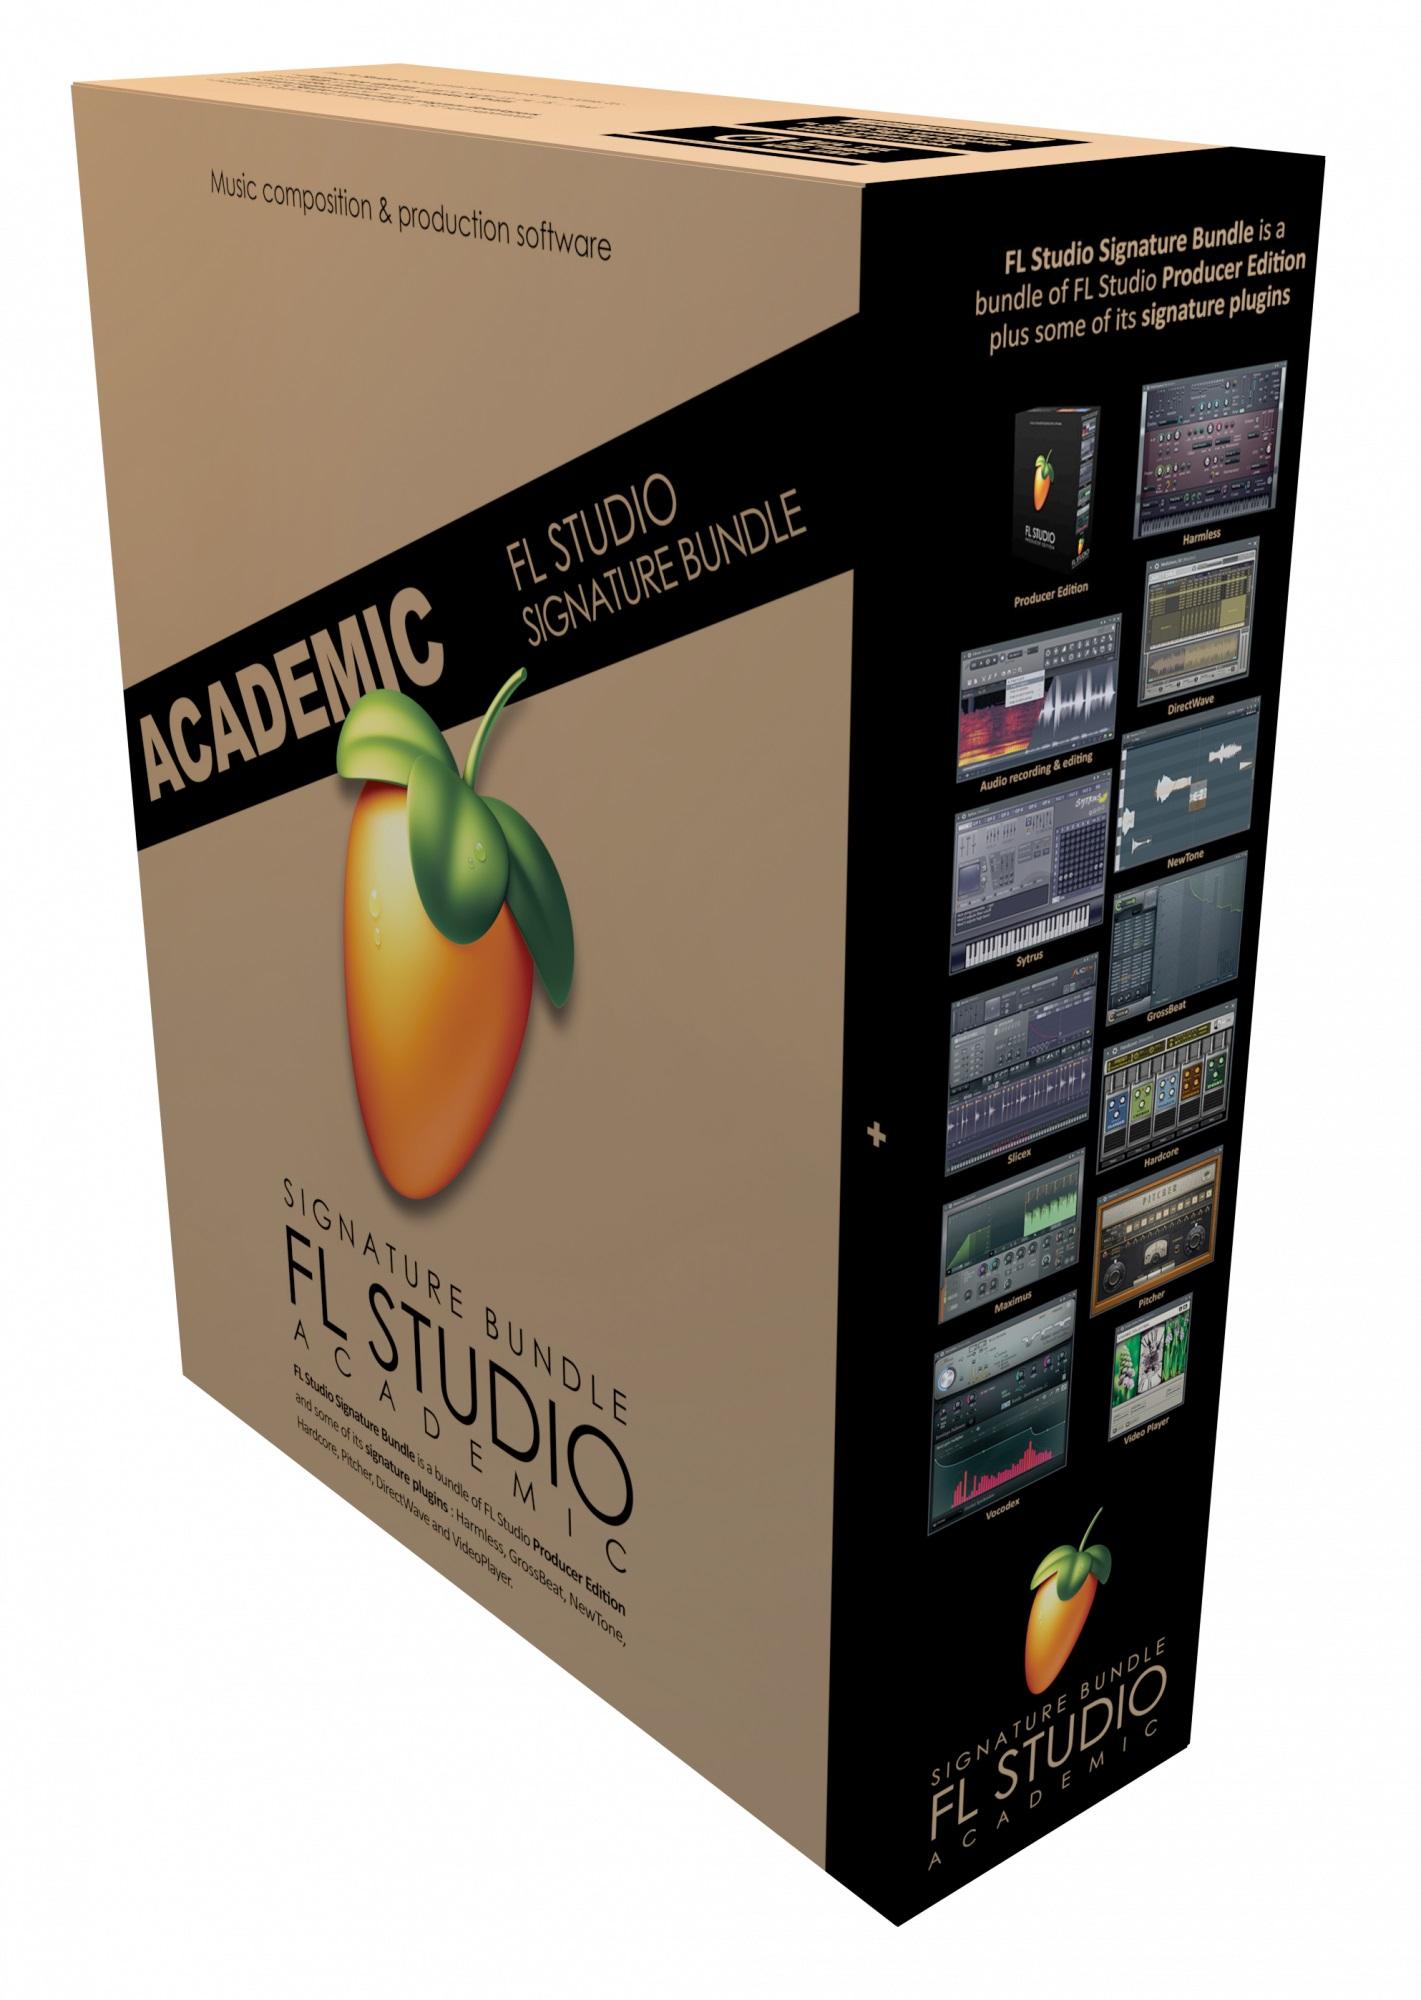 fl studio signature edition